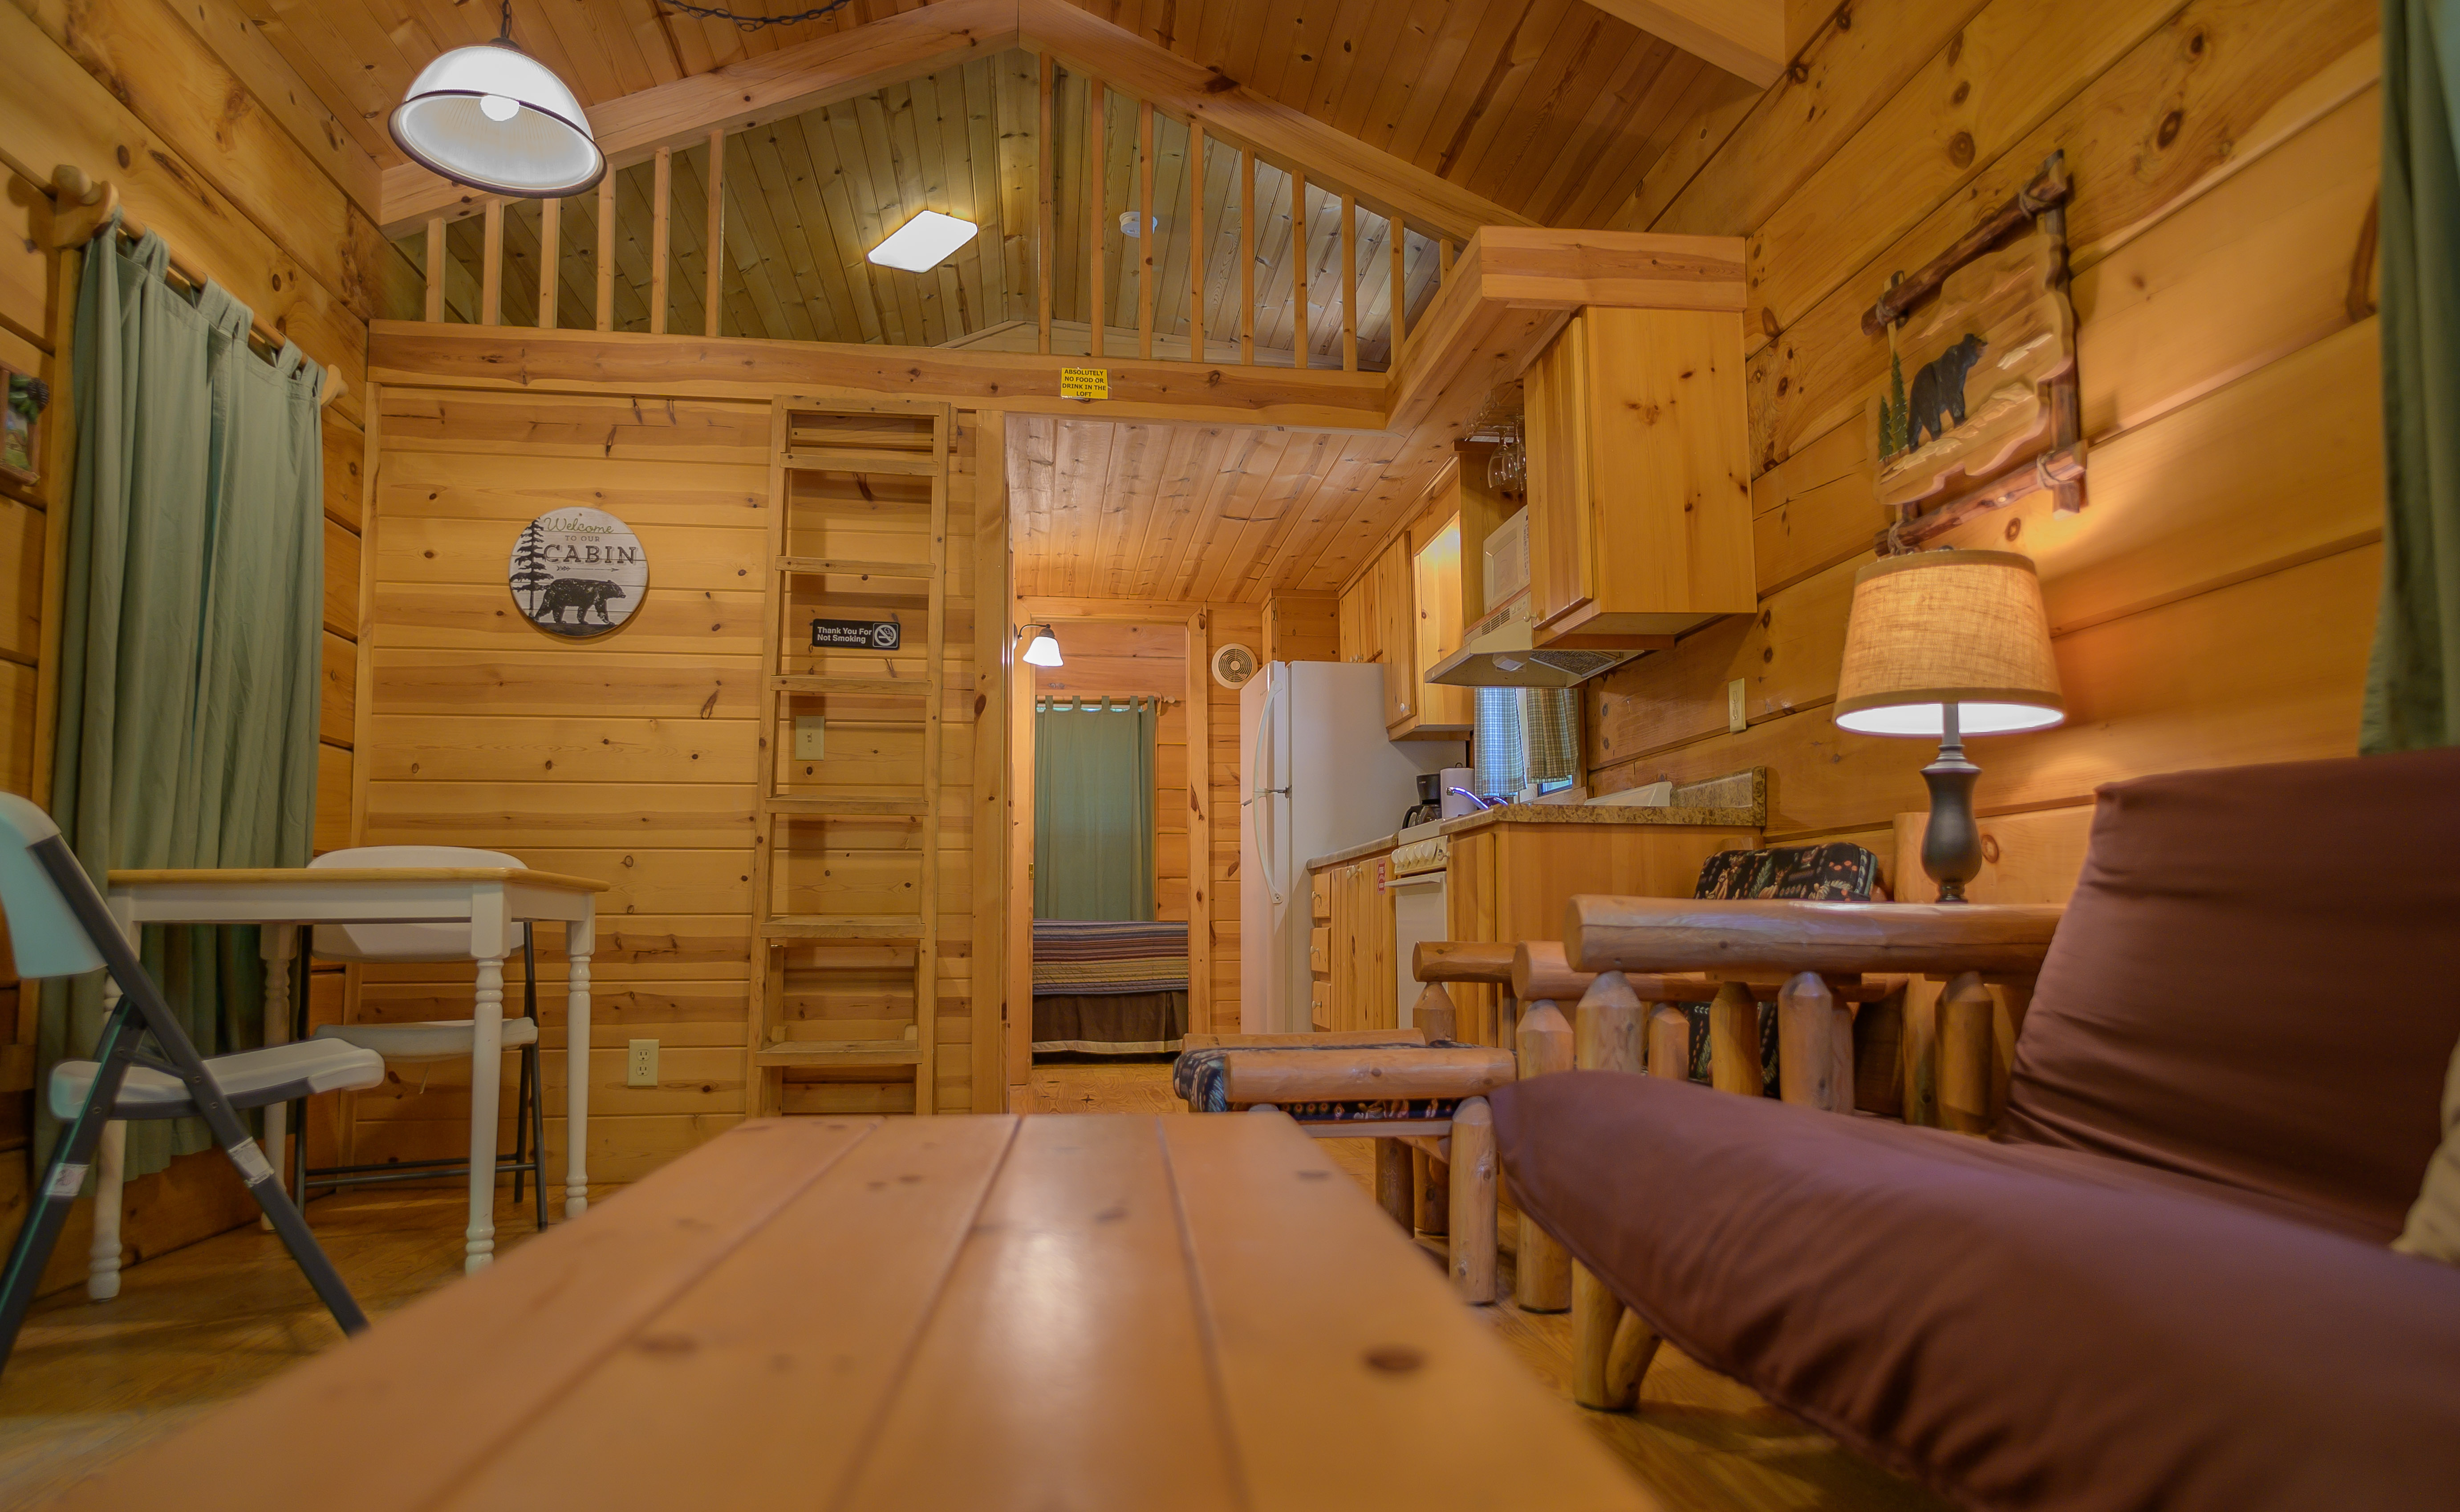 Inside a Deluxe Cabin